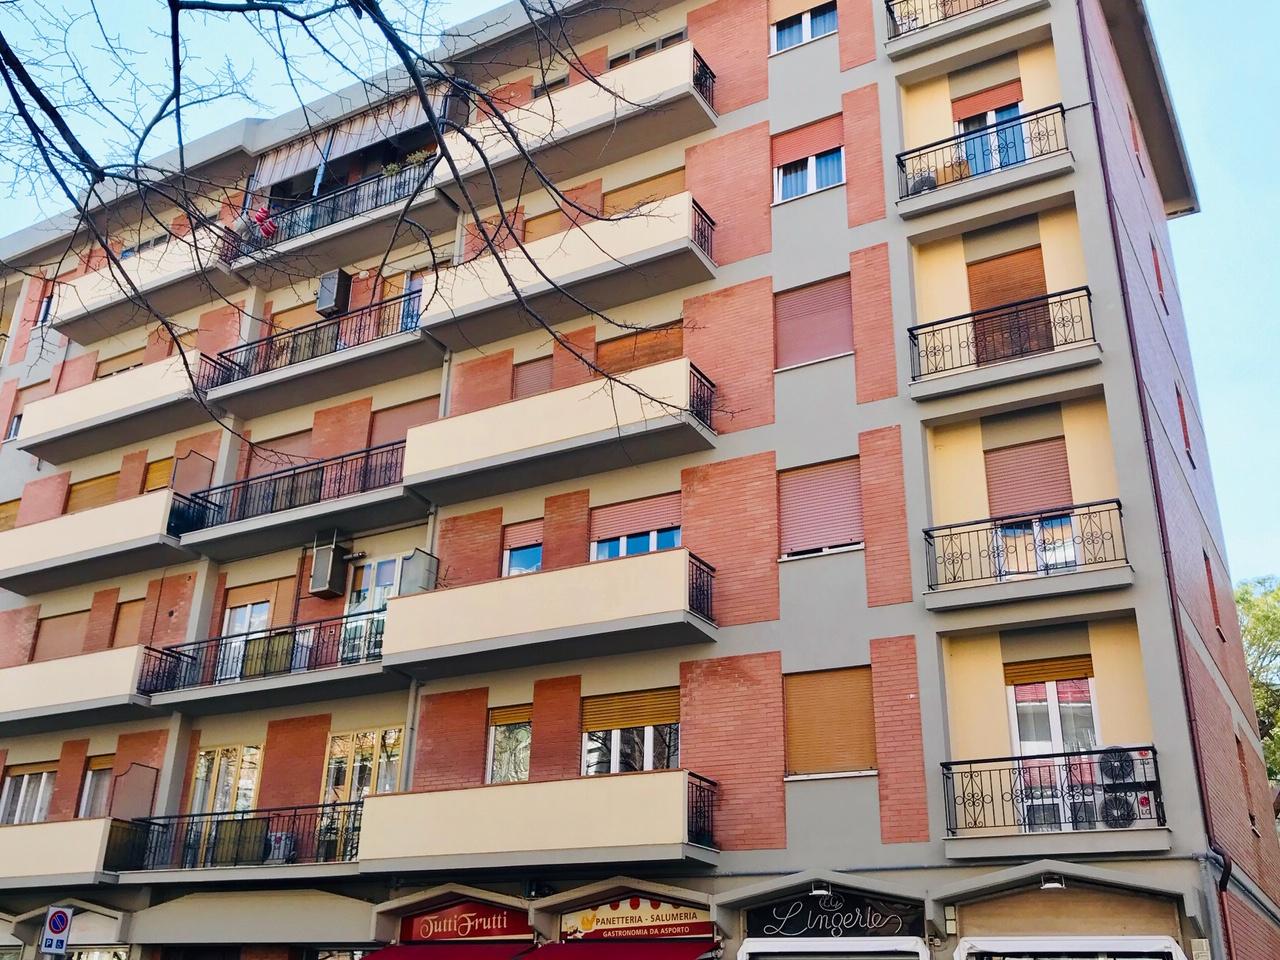 Appartamento in vendita a Grosseto, 5 locali, prezzo € 190.000 | PortaleAgenzieImmobiliari.it